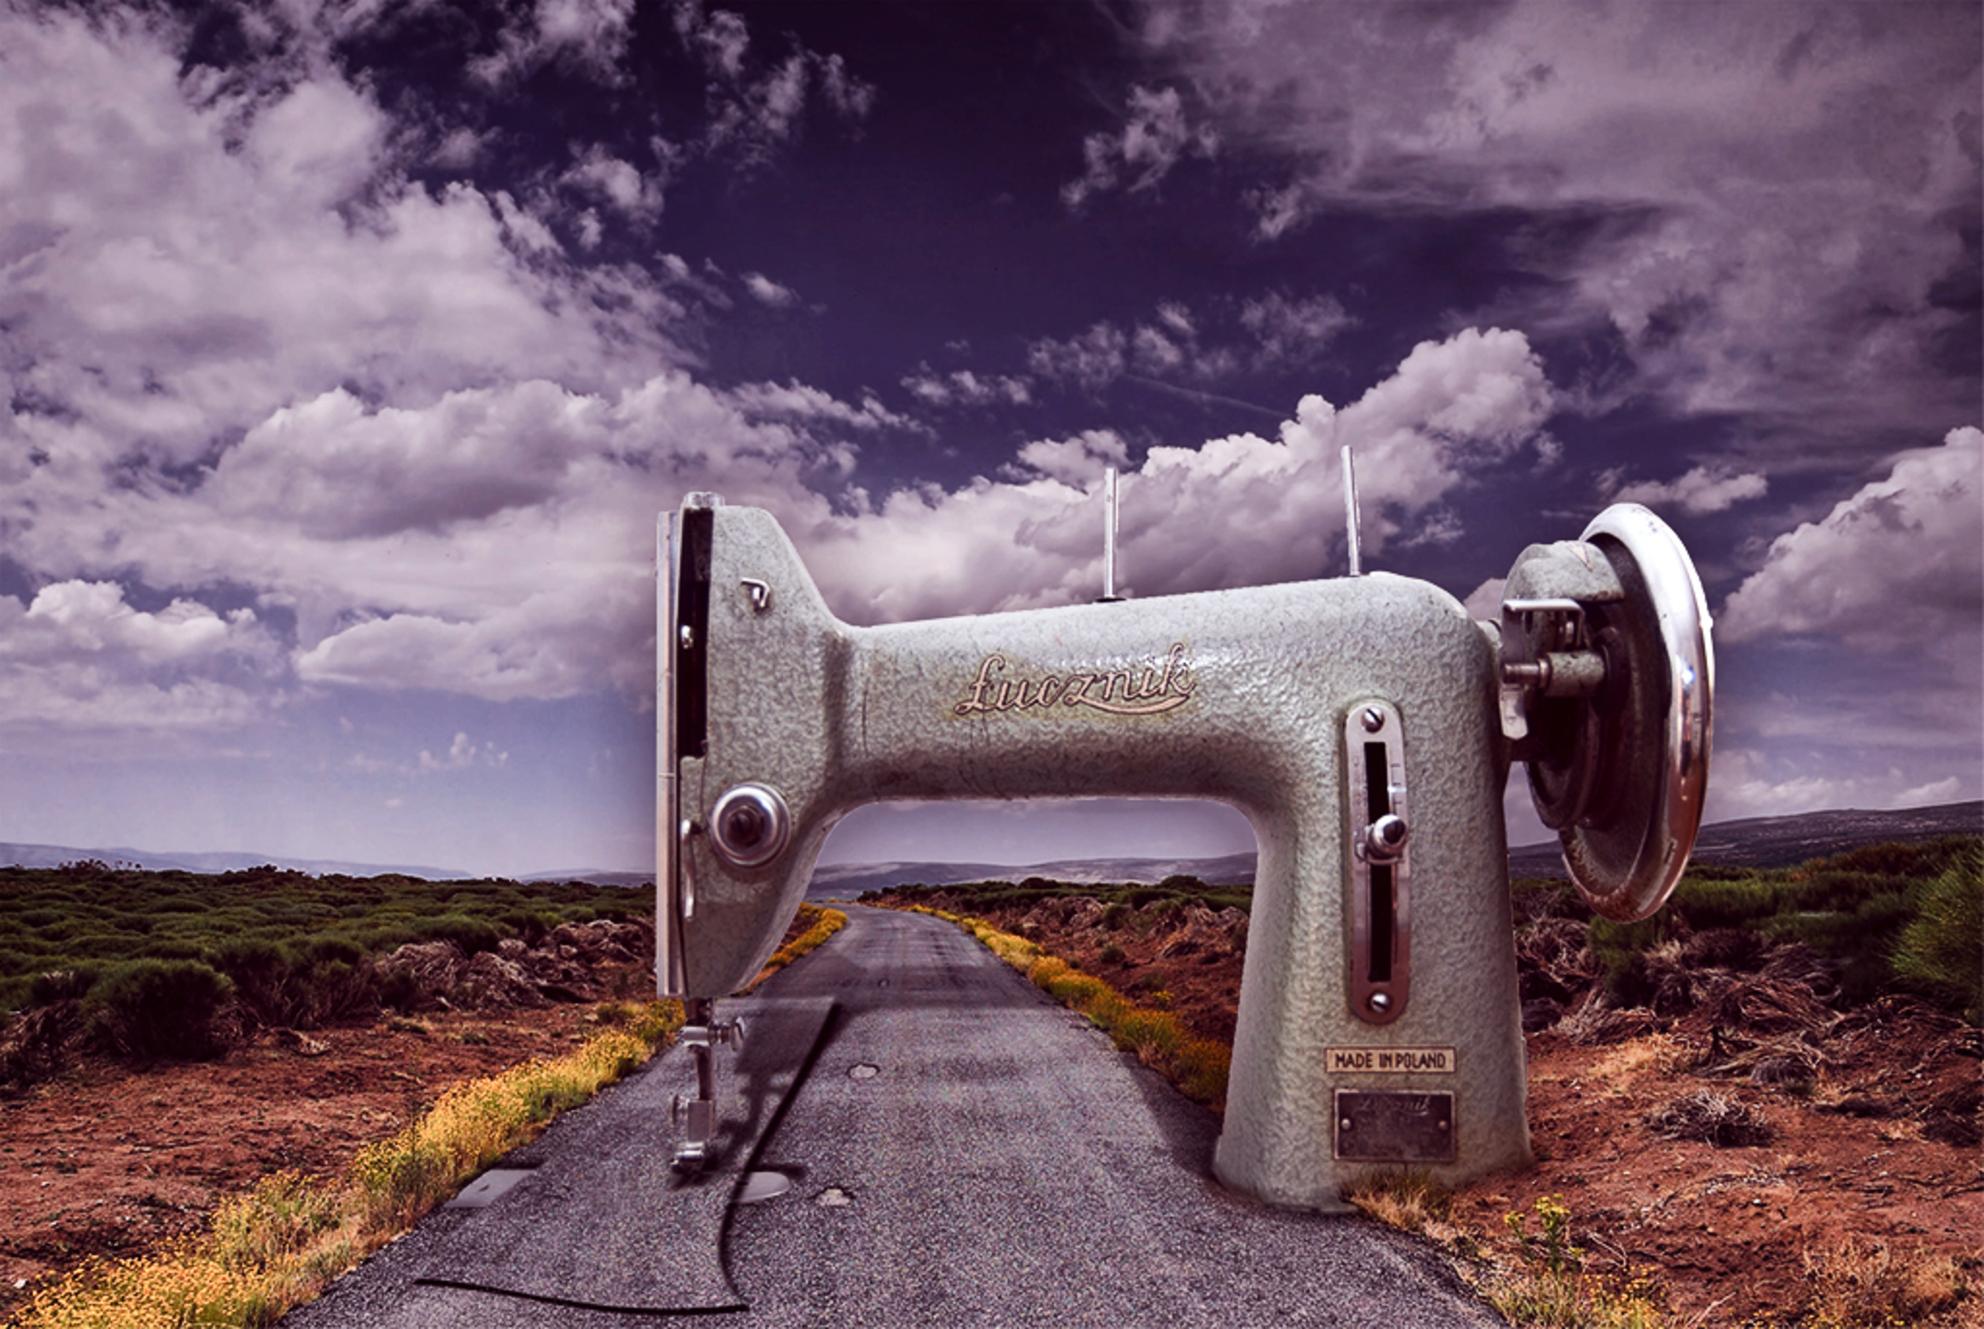 . . . Changes . . . - C4U on [url=https://www.facebook.com/pages/C4U/454353724628543?ref=hl]Facebook[/url] [url=http://chiandra4u.deviantart.com]DeviantART[/url] -stock - foto door ChIandra4U op 26-06-2015 - deze foto bevat: landschap, bewerking, nostalgie, verleden, surrealisme, photoshop, fotobewerking, droom, toekomst, creatief, manipulatie, aanpassing, surreal, fotomanipulatie, herstel, wijziging, chiandra4u, C4U - Deze foto mag gebruikt worden in een Zoom.nl publicatie